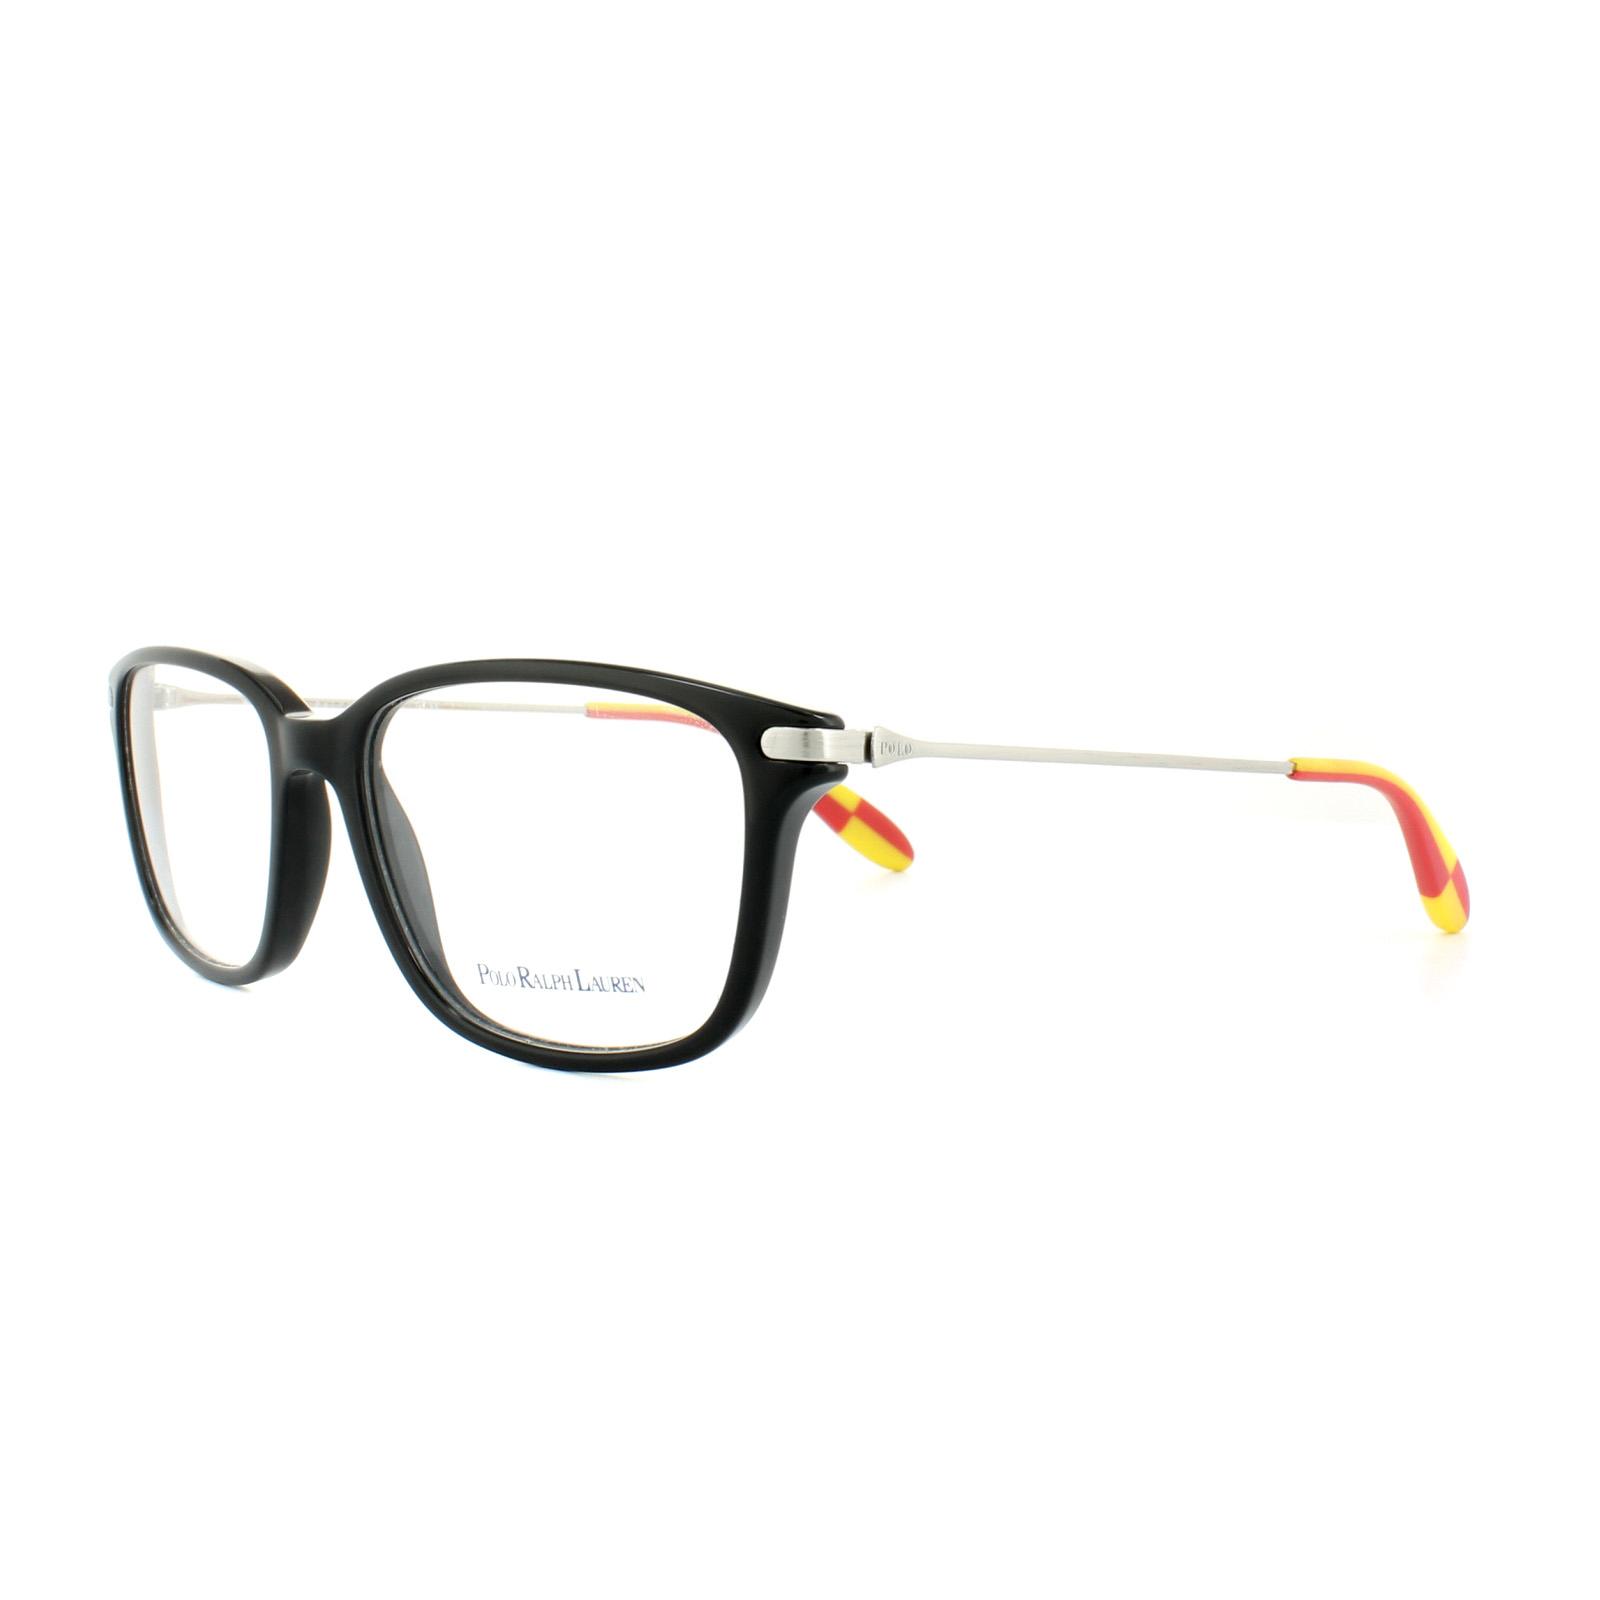 Polo Ralph Lauren Glasses Frames PH 2105 5001 Black Mens 53mm ...